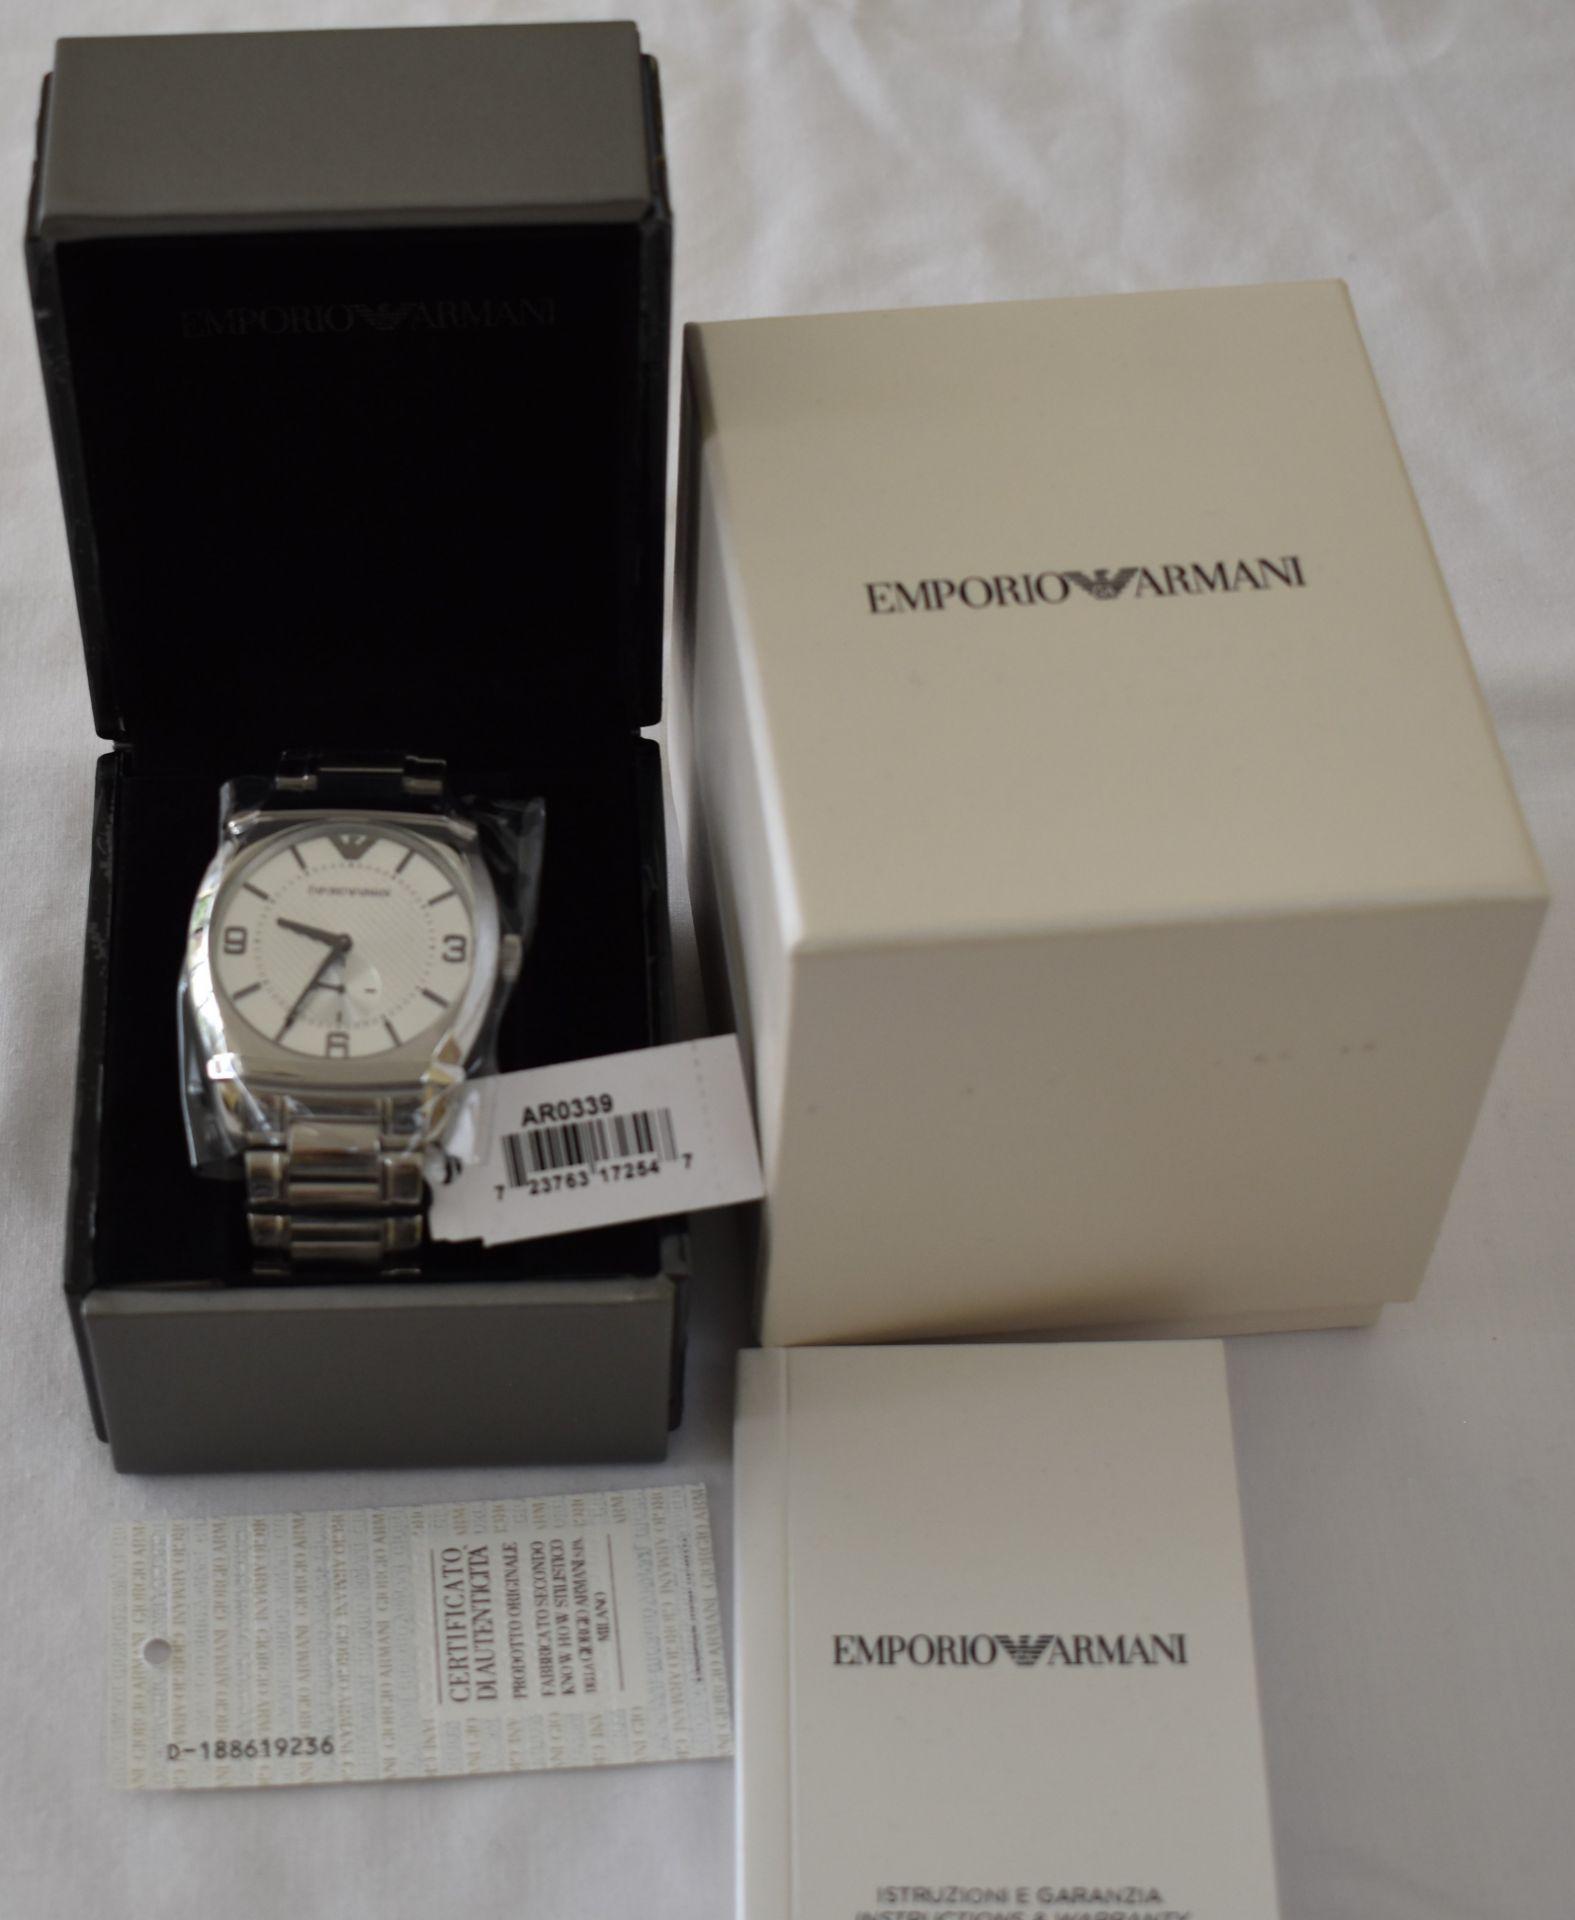 Emporio Armani AR0339 Men's Watch